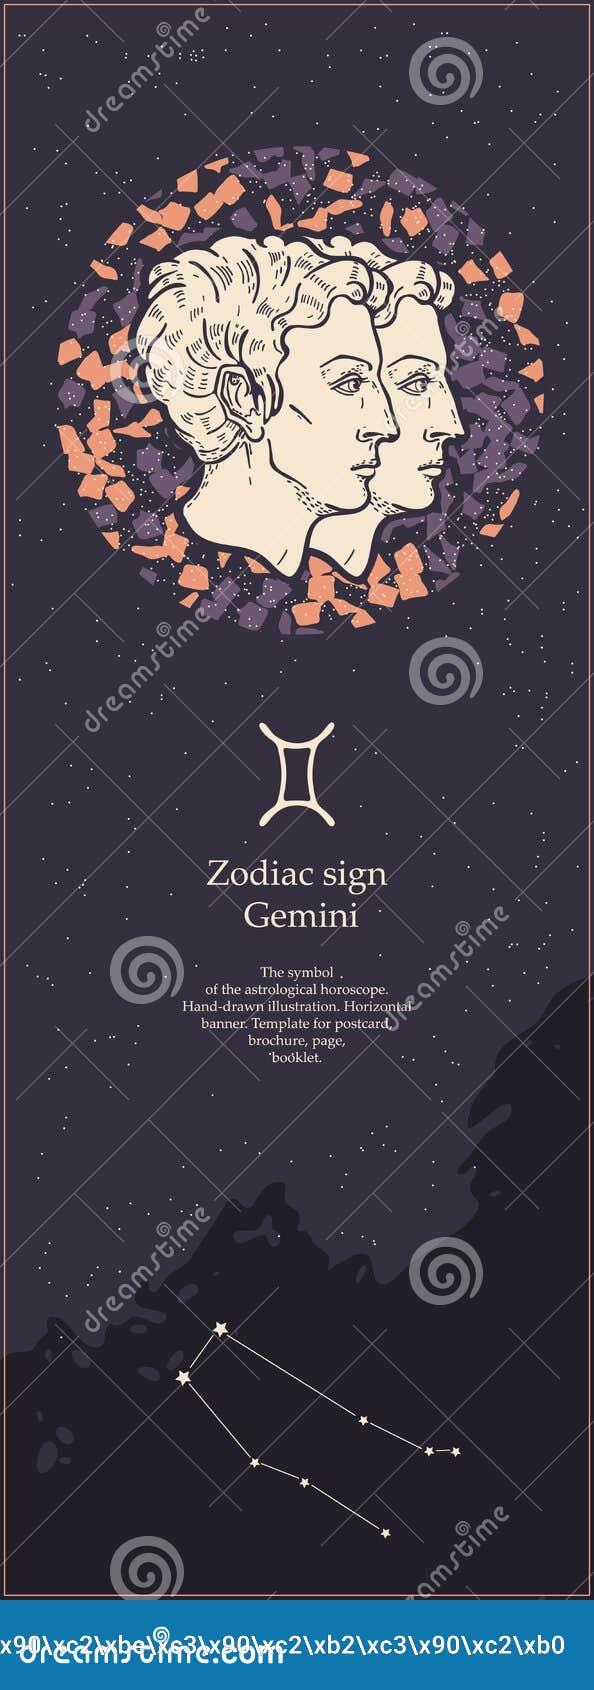 G?meos do sinal do zod?aco O símbolo do horóscopo astrológico Face das mulheres Hand-drawn de illustration Bandeira vertical Mold